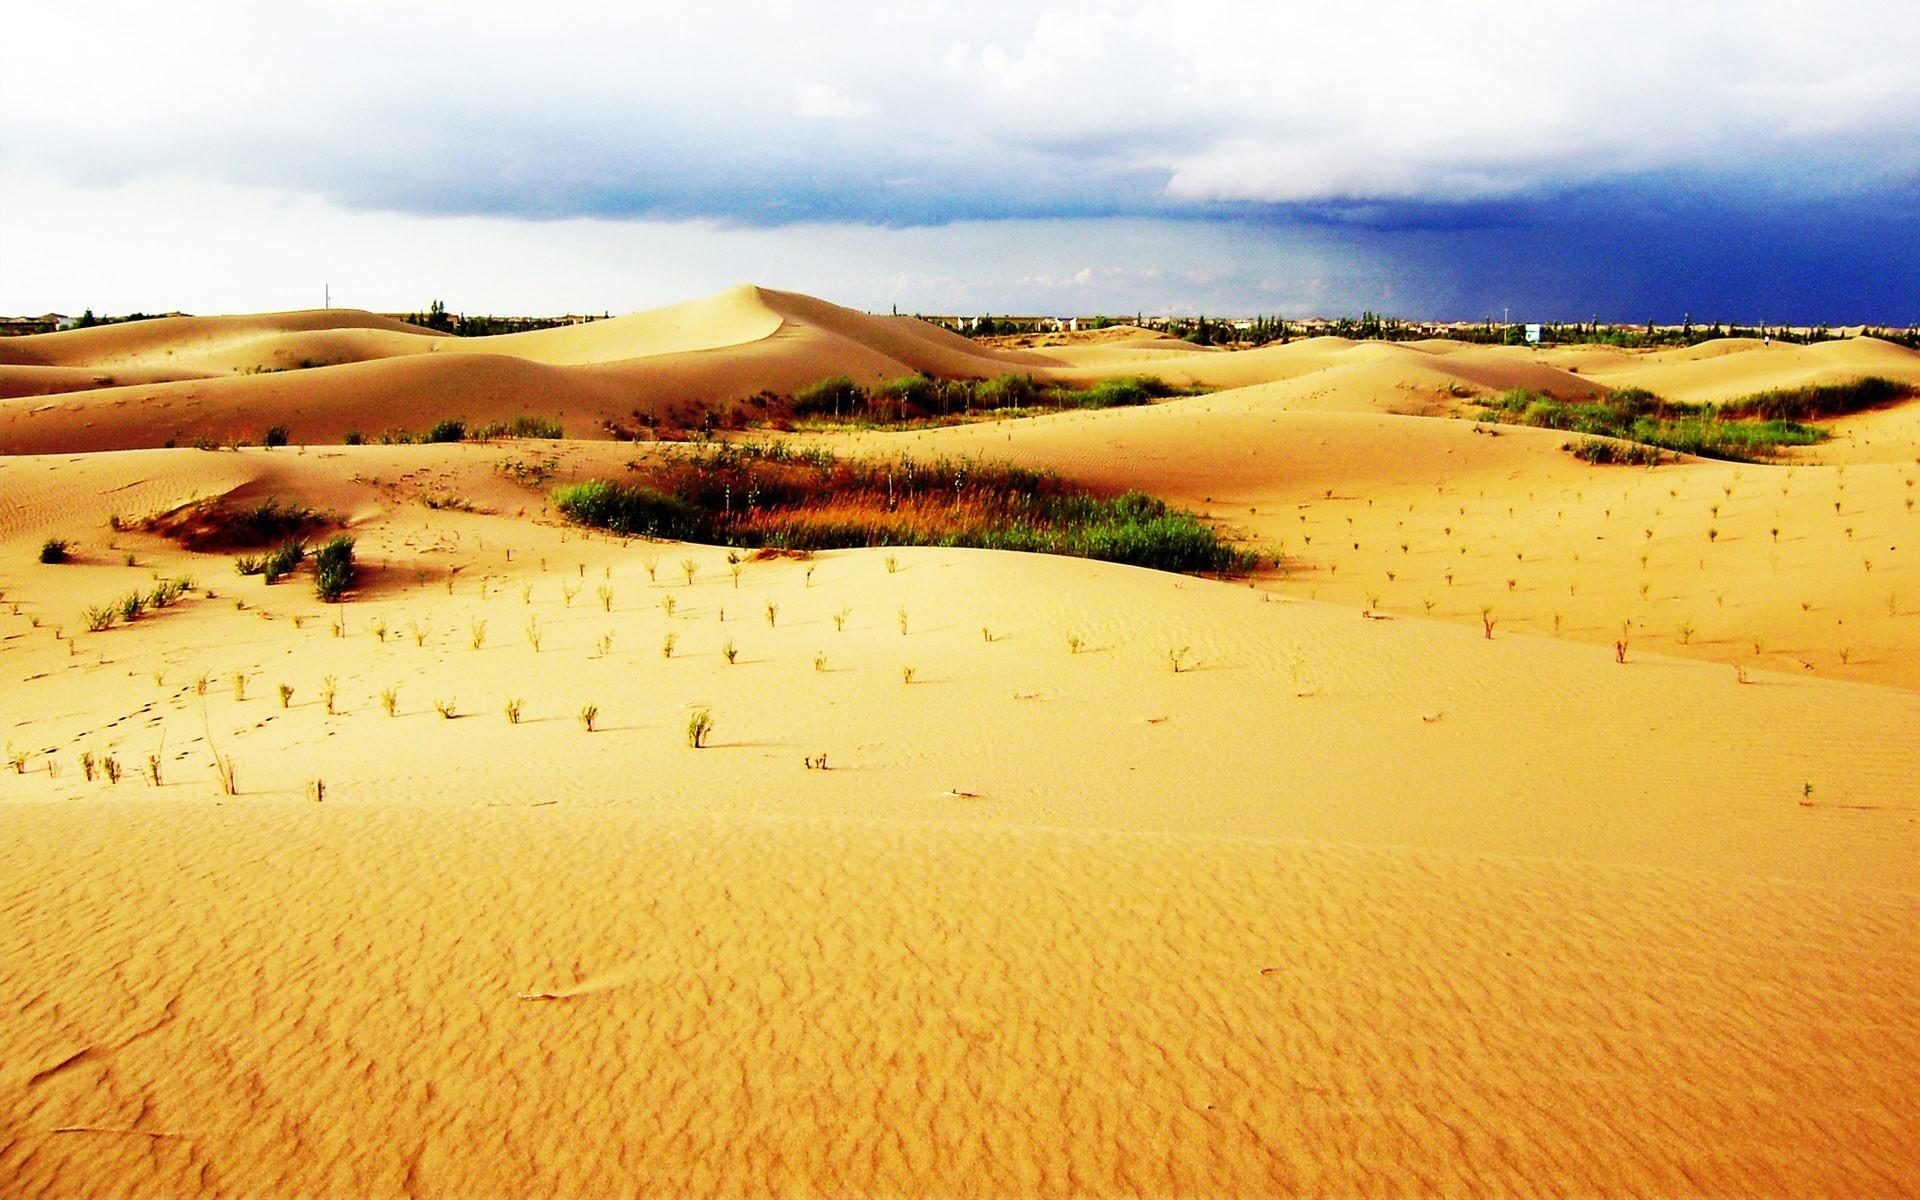 壁纸 成片种植 风景 沙漠 植物 种植基地 桌面 1920_1200